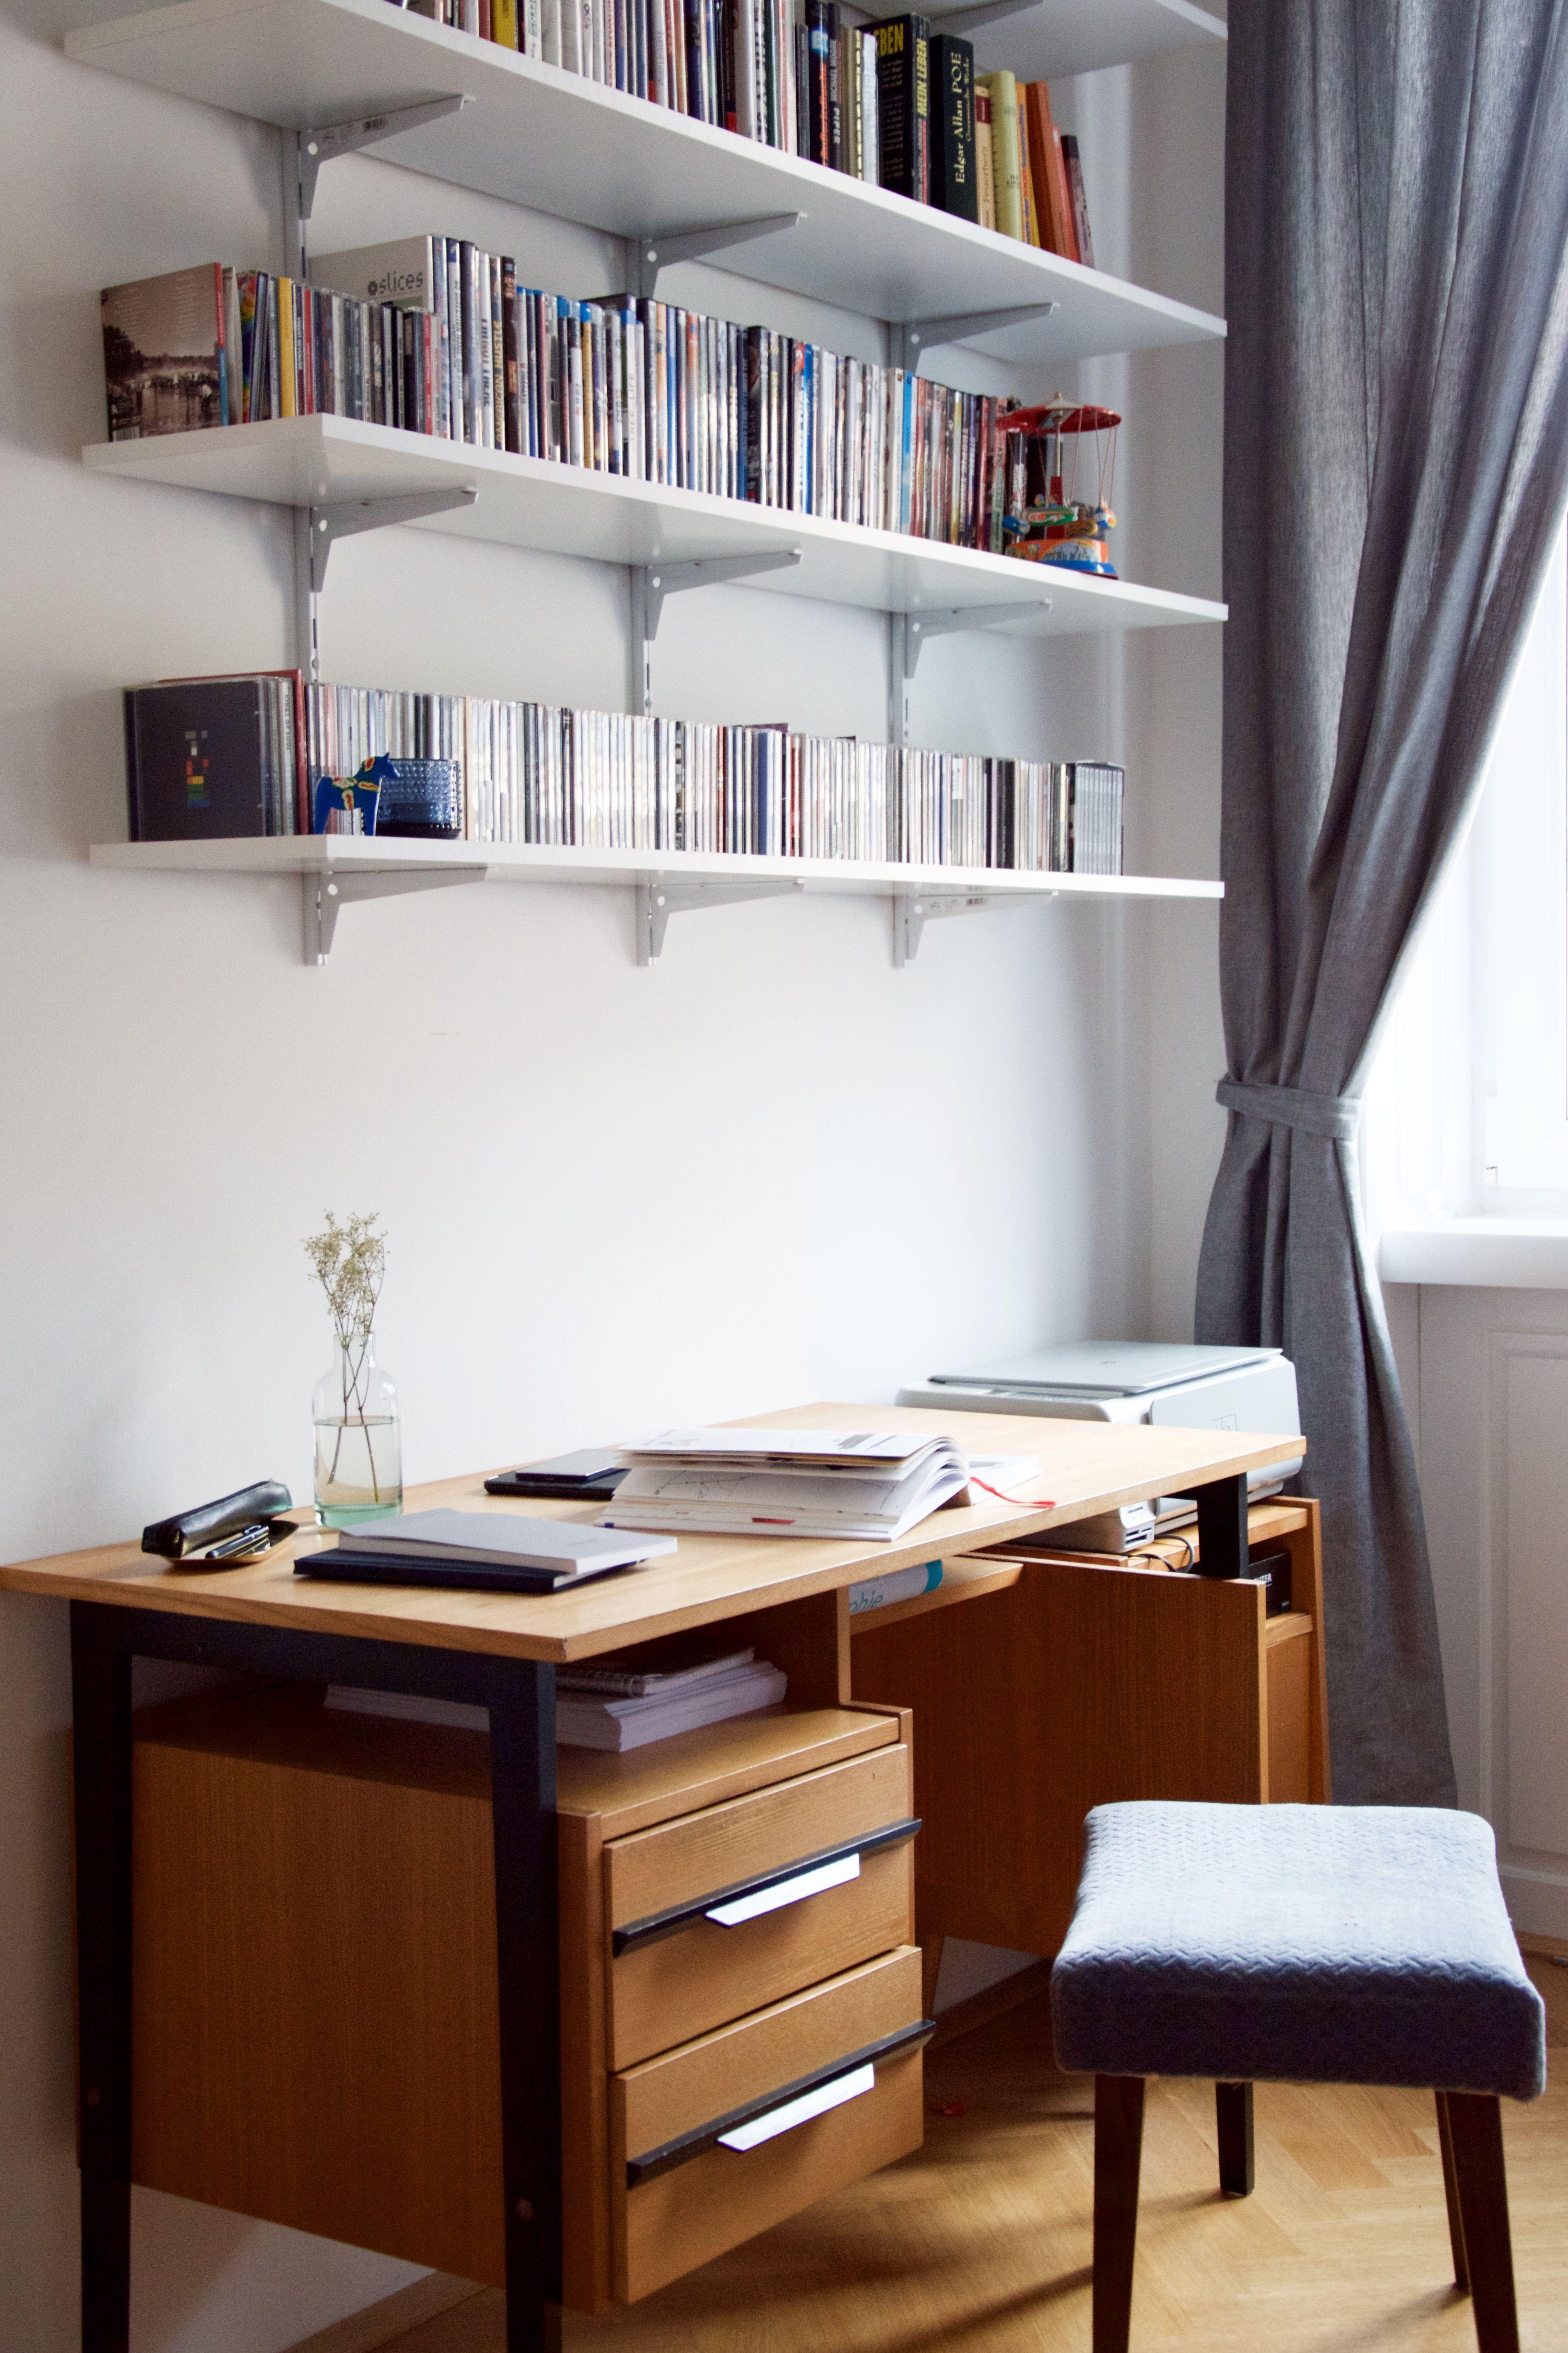 Arbeitsplatz | Stühle kaufen, Kleiner hocker und Arbeitsplätze